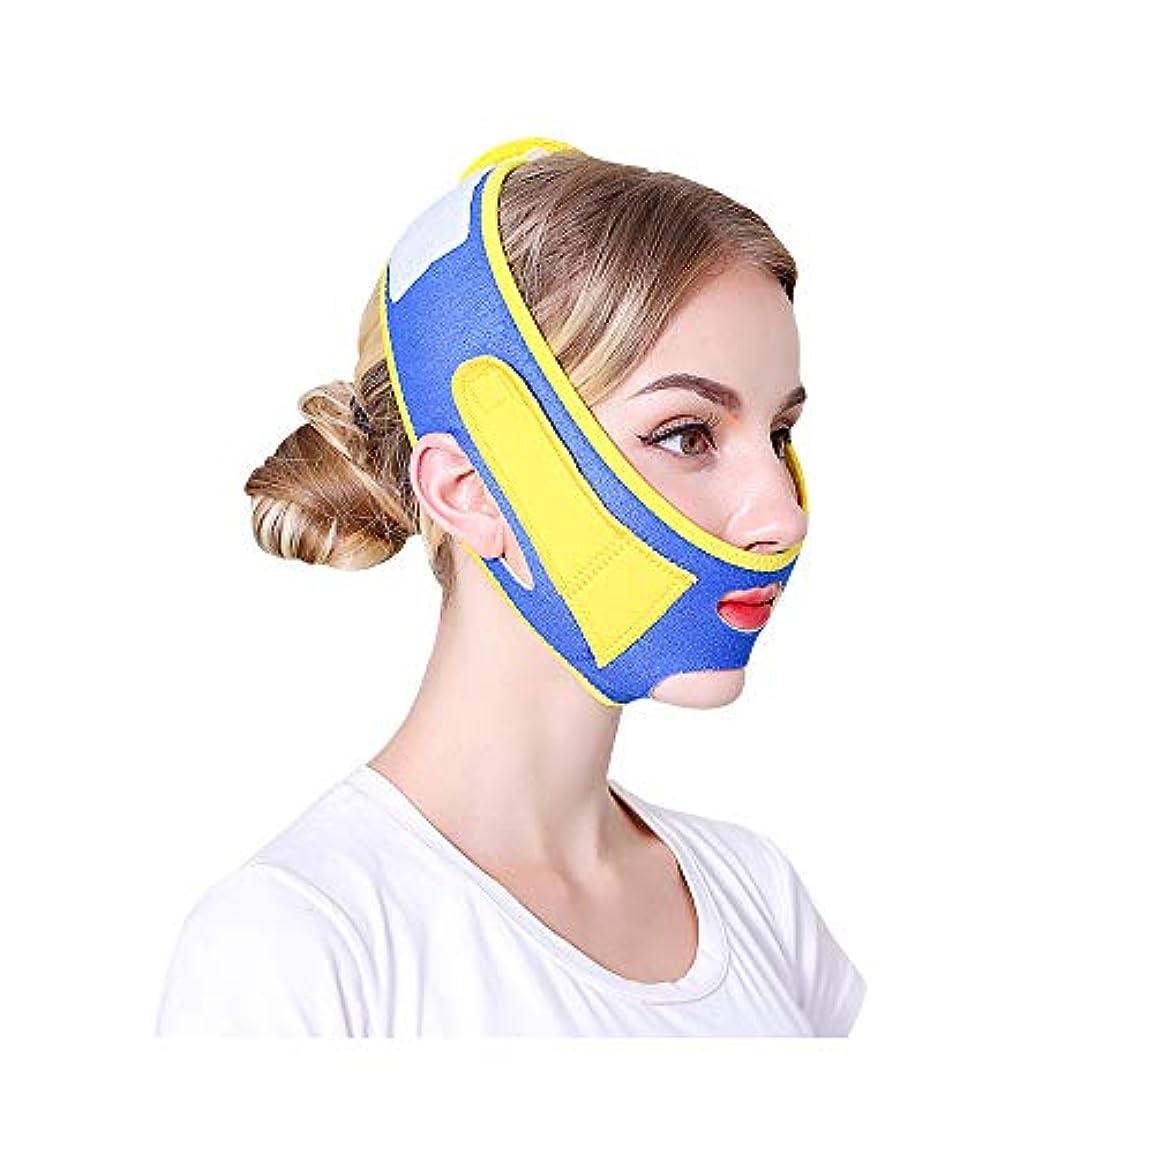 シャーク欺く顔矯正マスク - 肌を引き締め、しわを防ぐためのフェイシャルスリミングバンデージ&ダブルチンの除去-フェイスケアスリミングストラップ